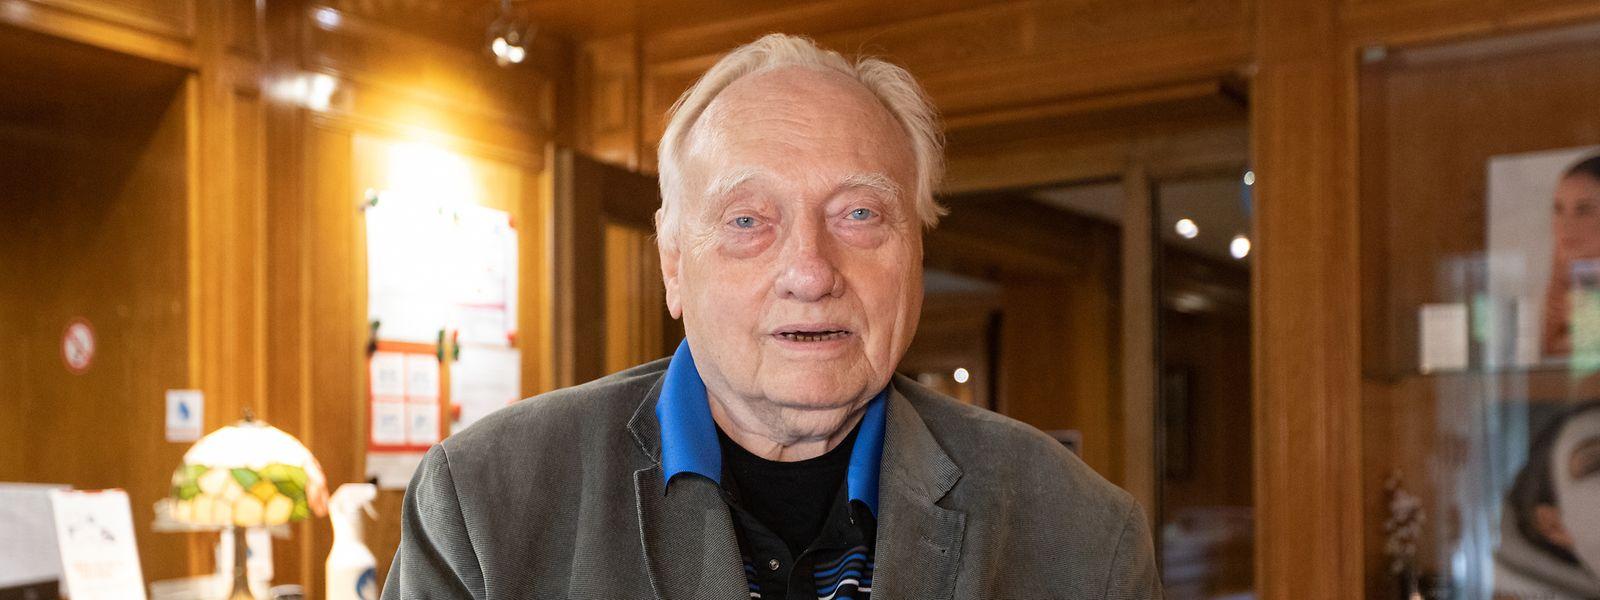 Hotelbesitzer Claus Uwe Leske in der Rezeption. Trotz seines Alters von 85 Jahren will er die Zimmer nach und nach modernisieren.